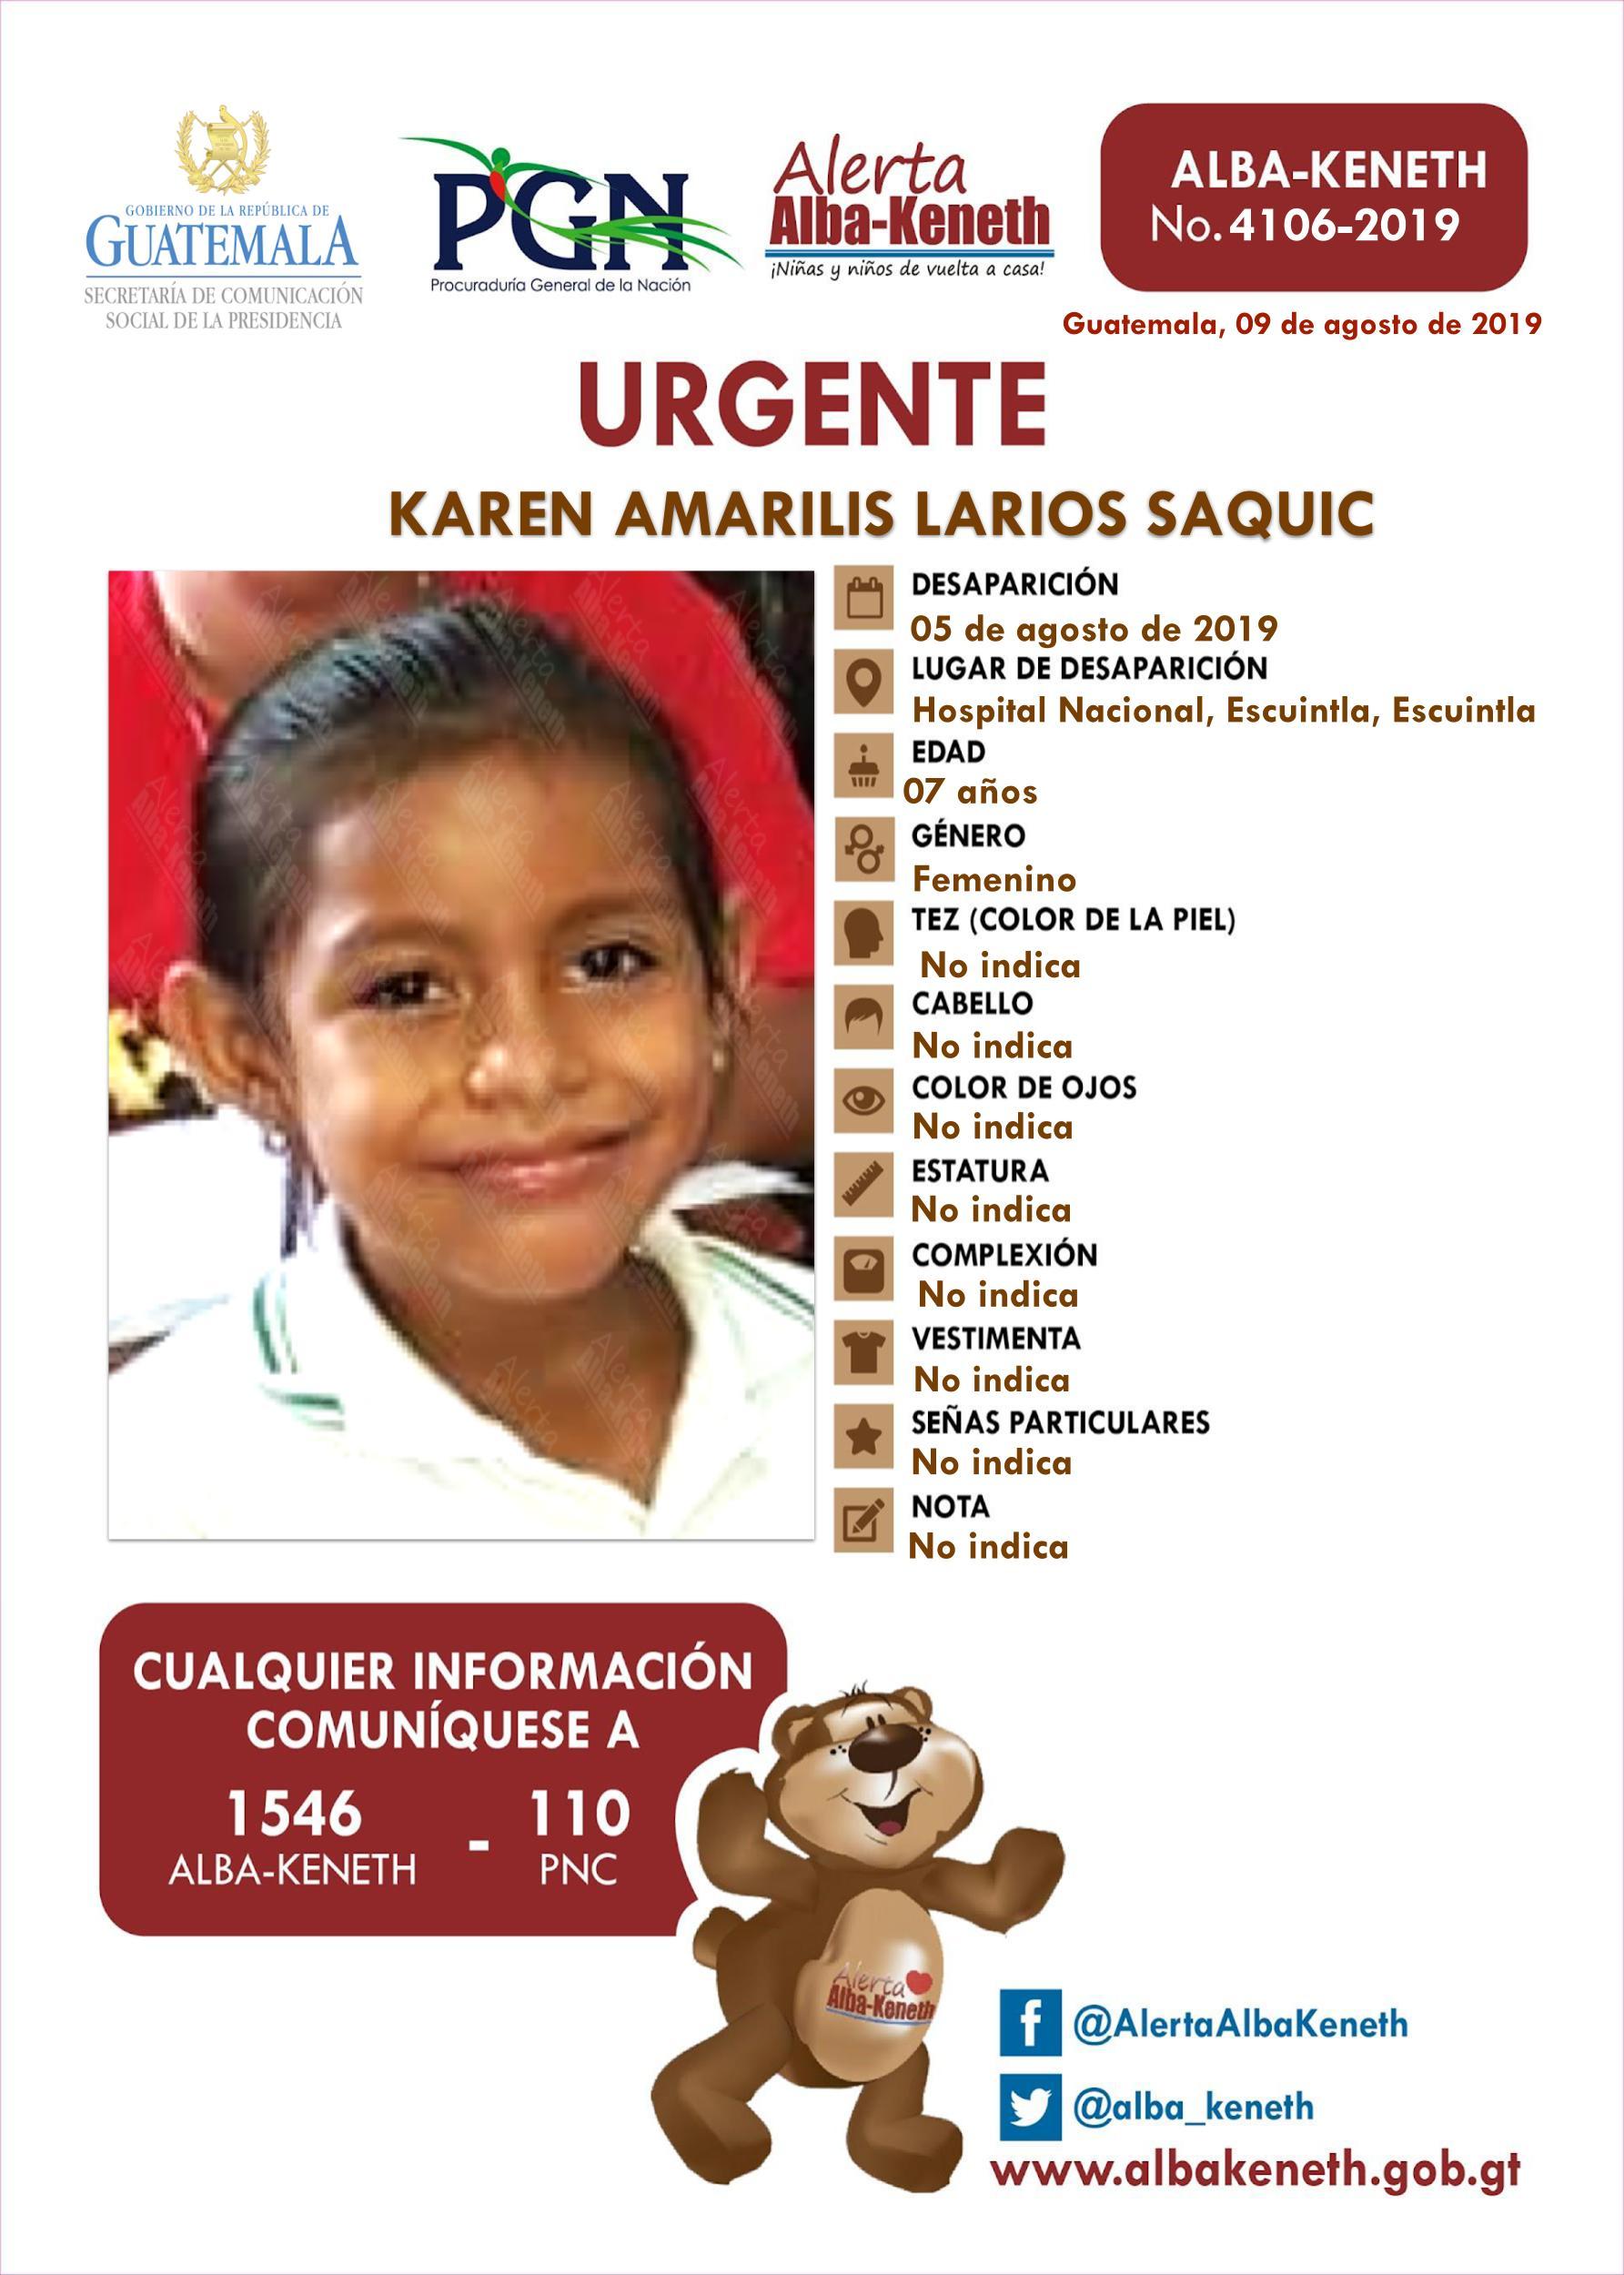 Karen Amarilis Larios Saquic